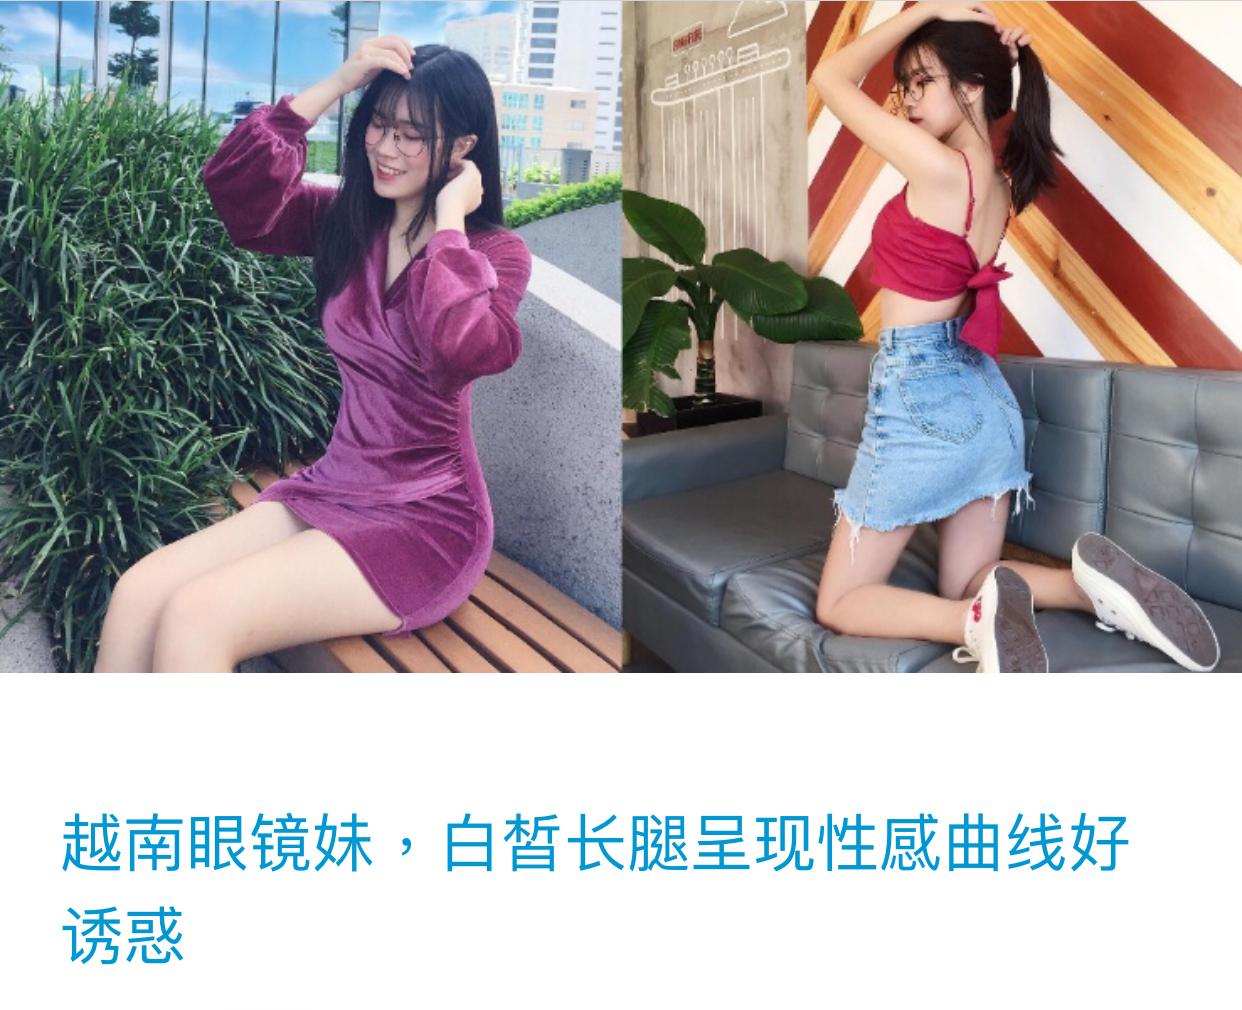 Girl ĐH Kiến trúc sinh năm 2000 được báo Trung khen nức nở: Chân dài, da trắng, body S-line cực phẩm - Ảnh 1.